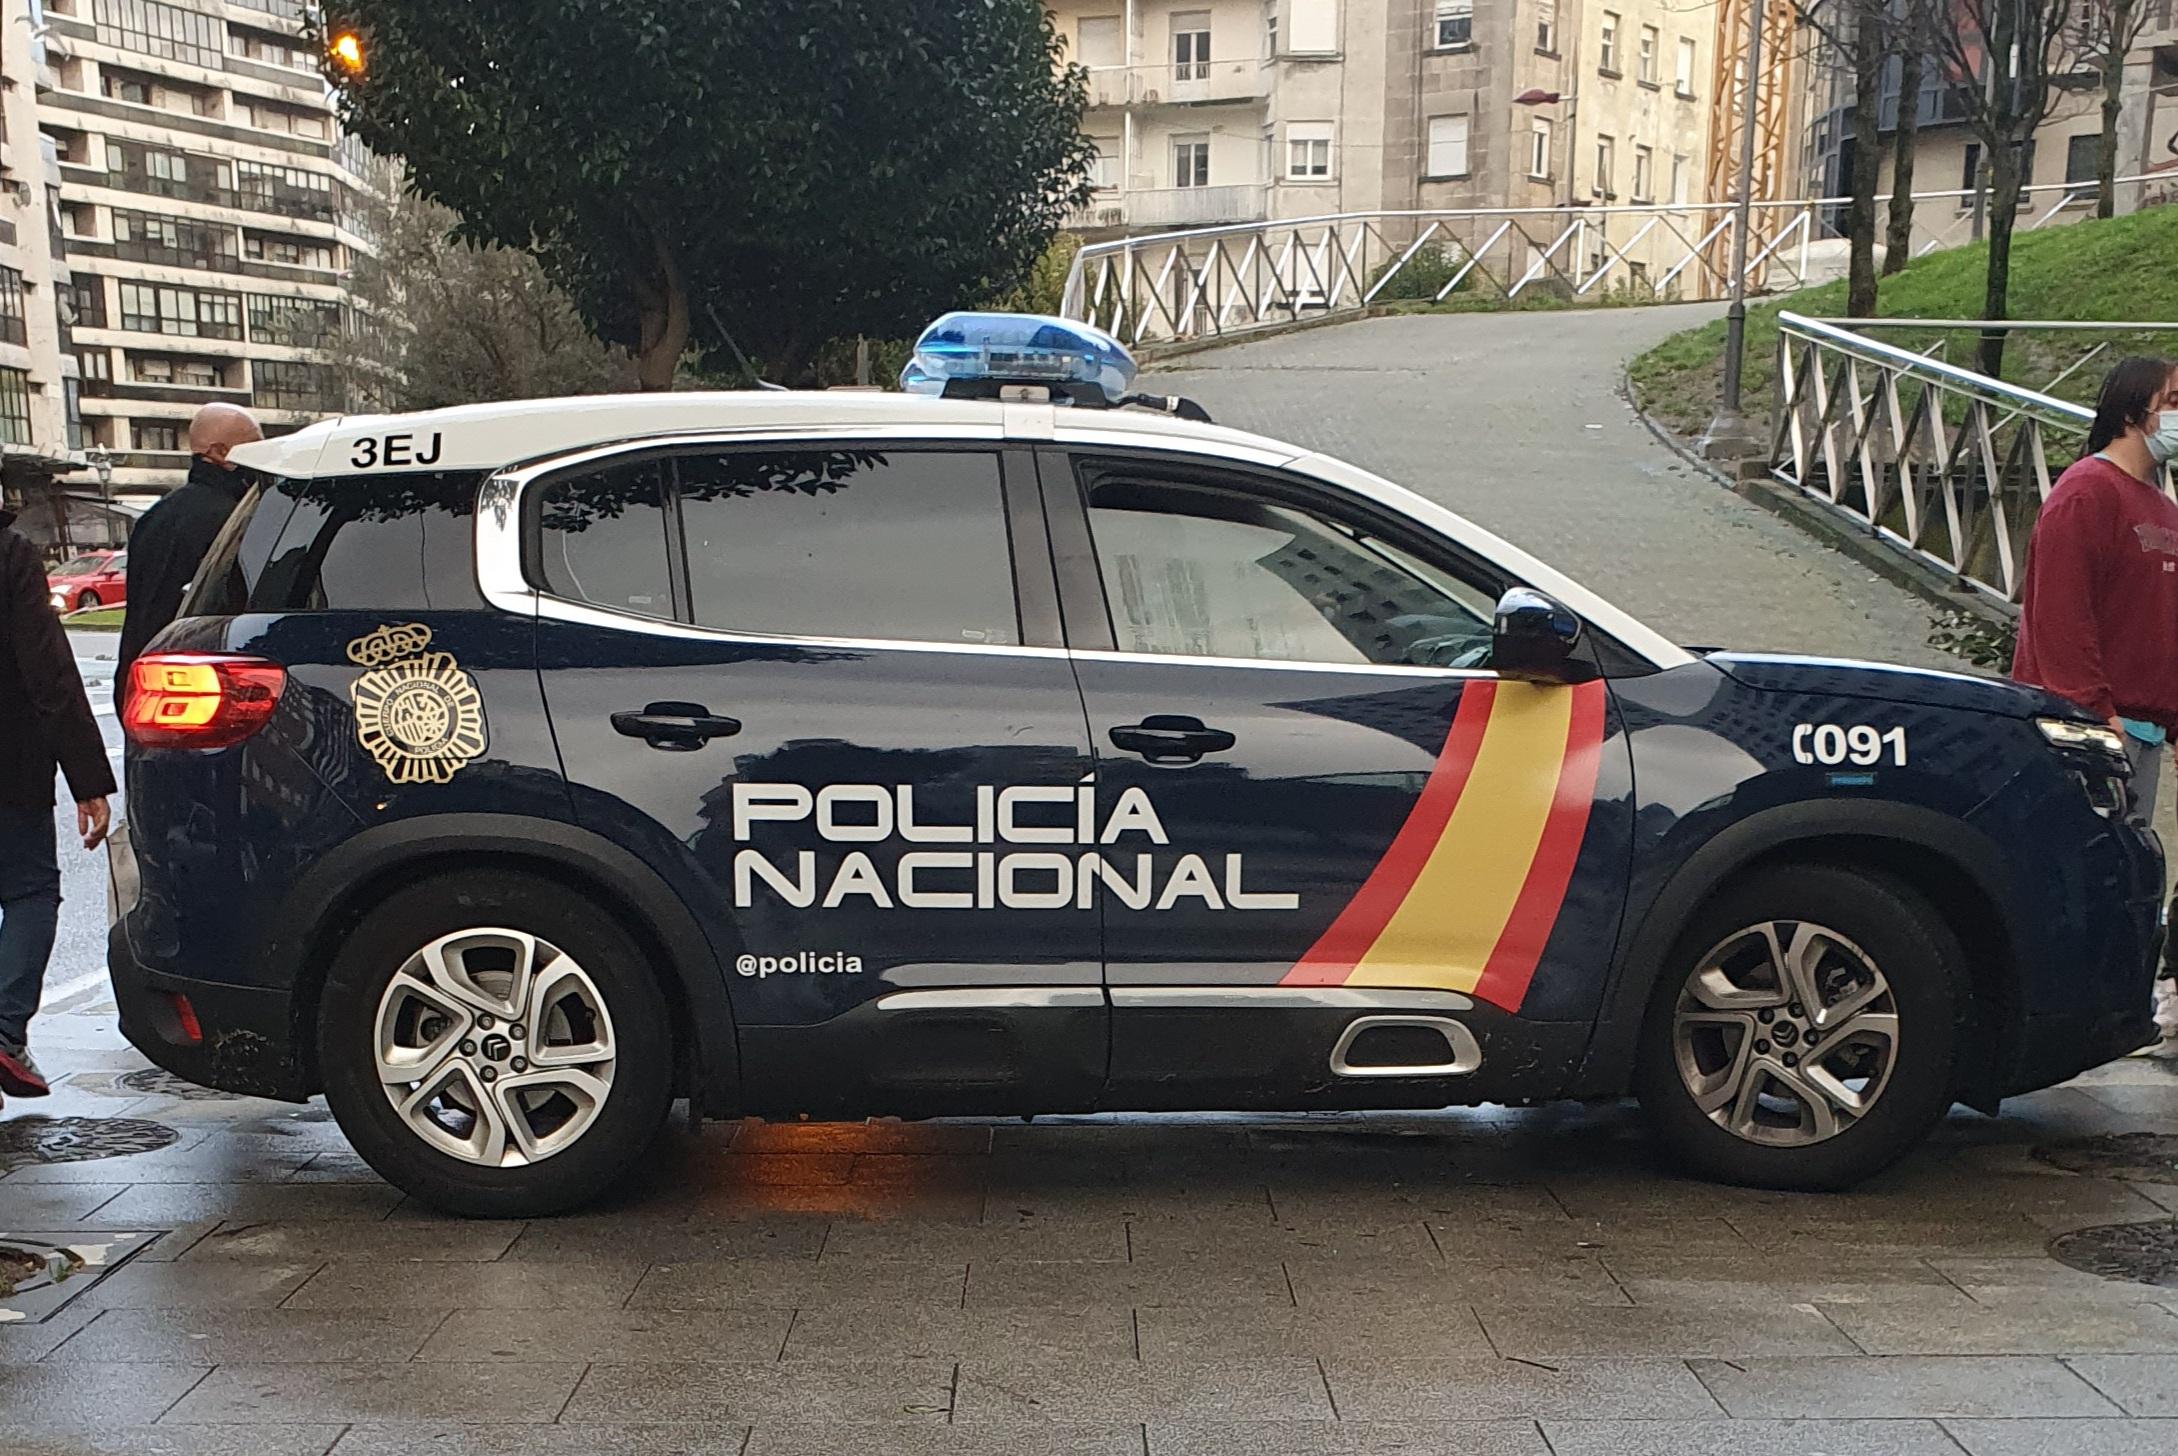 Policía Nacional/Vigoalminuto